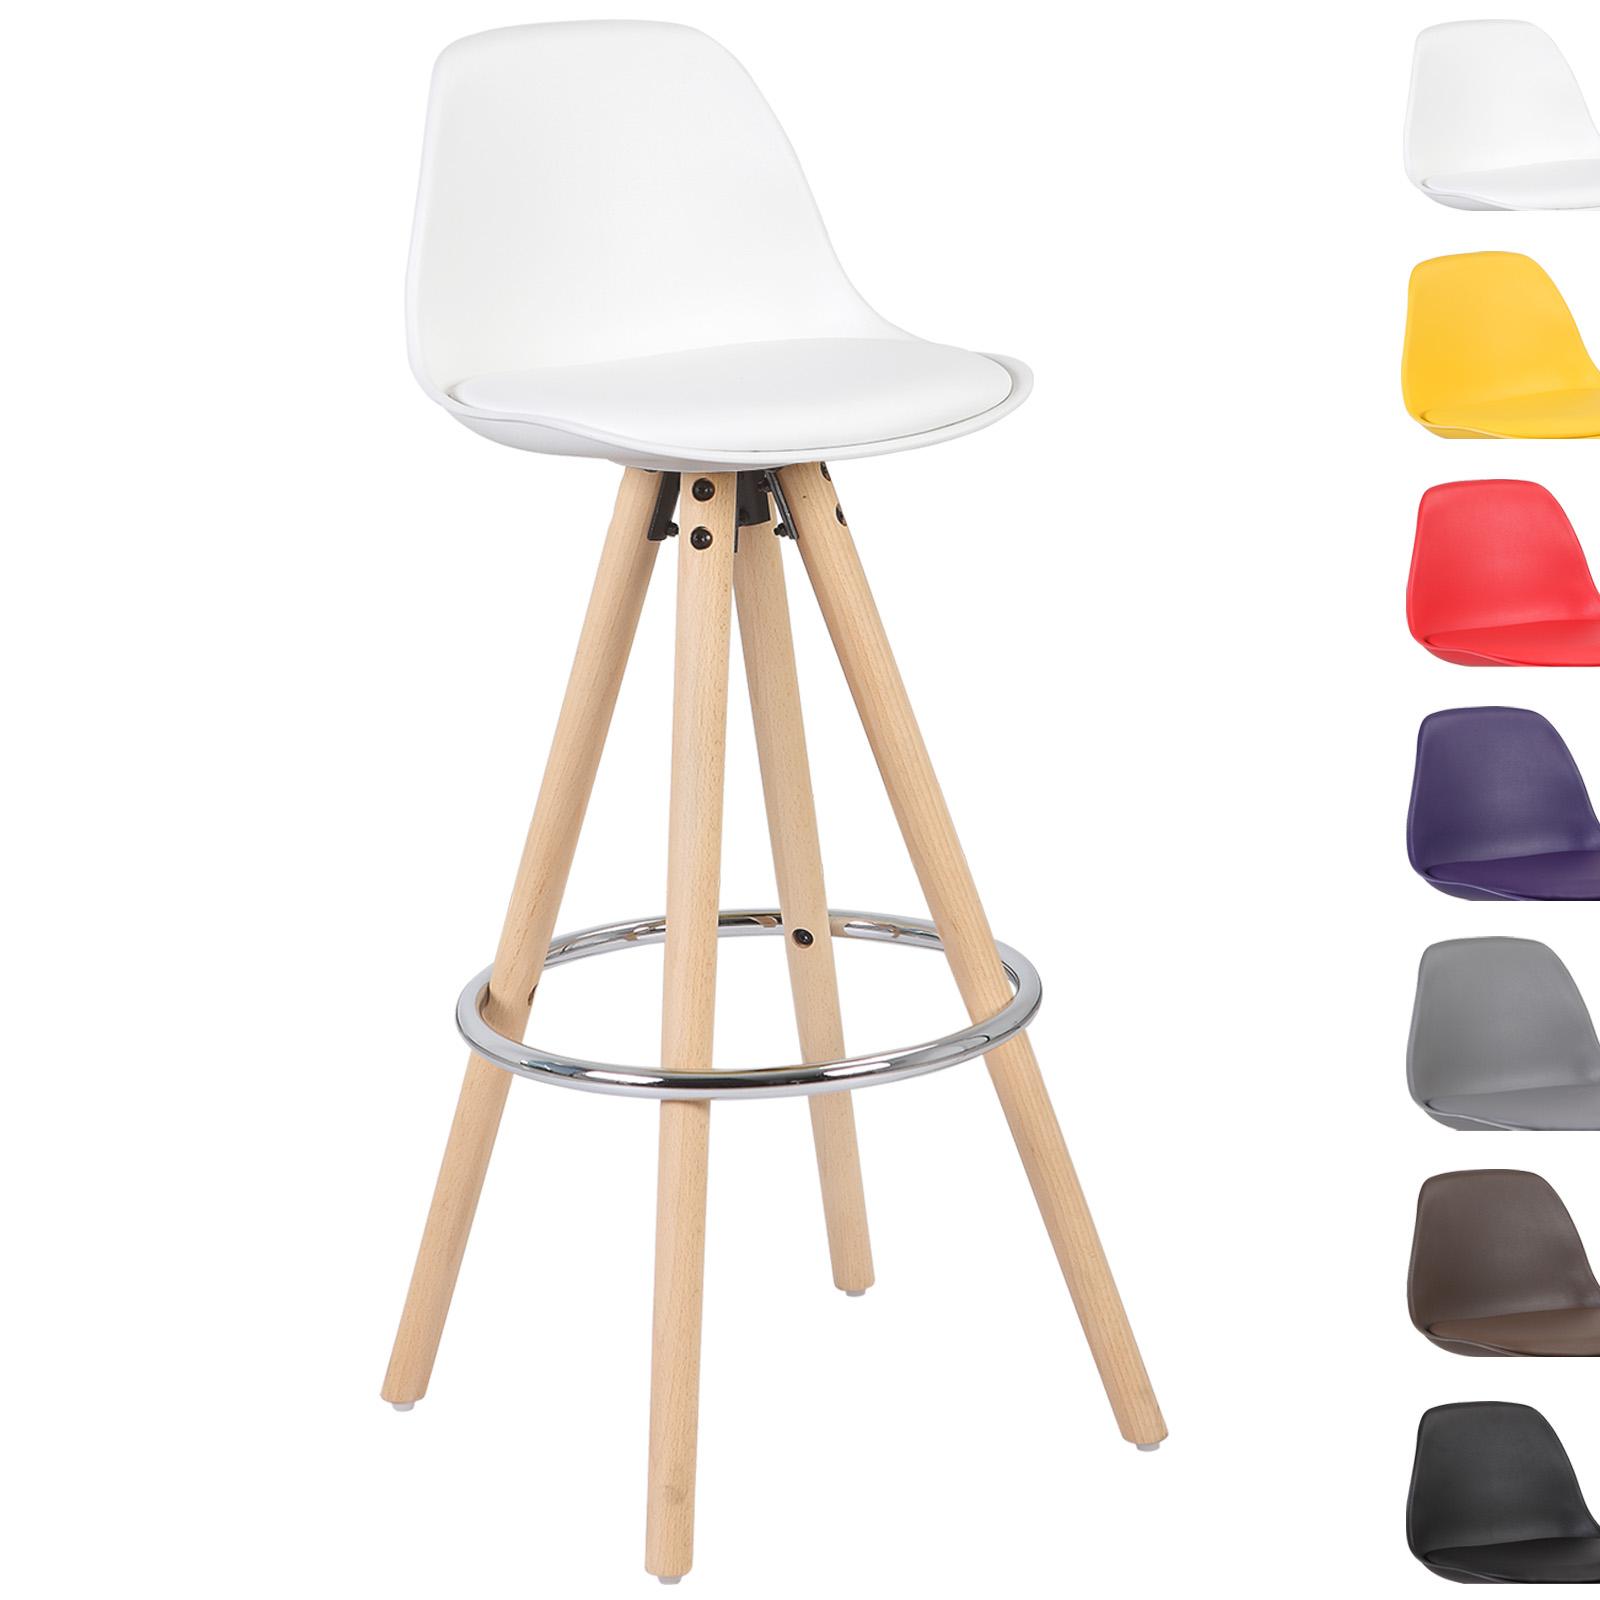 barhocker tresenhocker barstuhl massivholz mit lehne 1 x. Black Bedroom Furniture Sets. Home Design Ideas